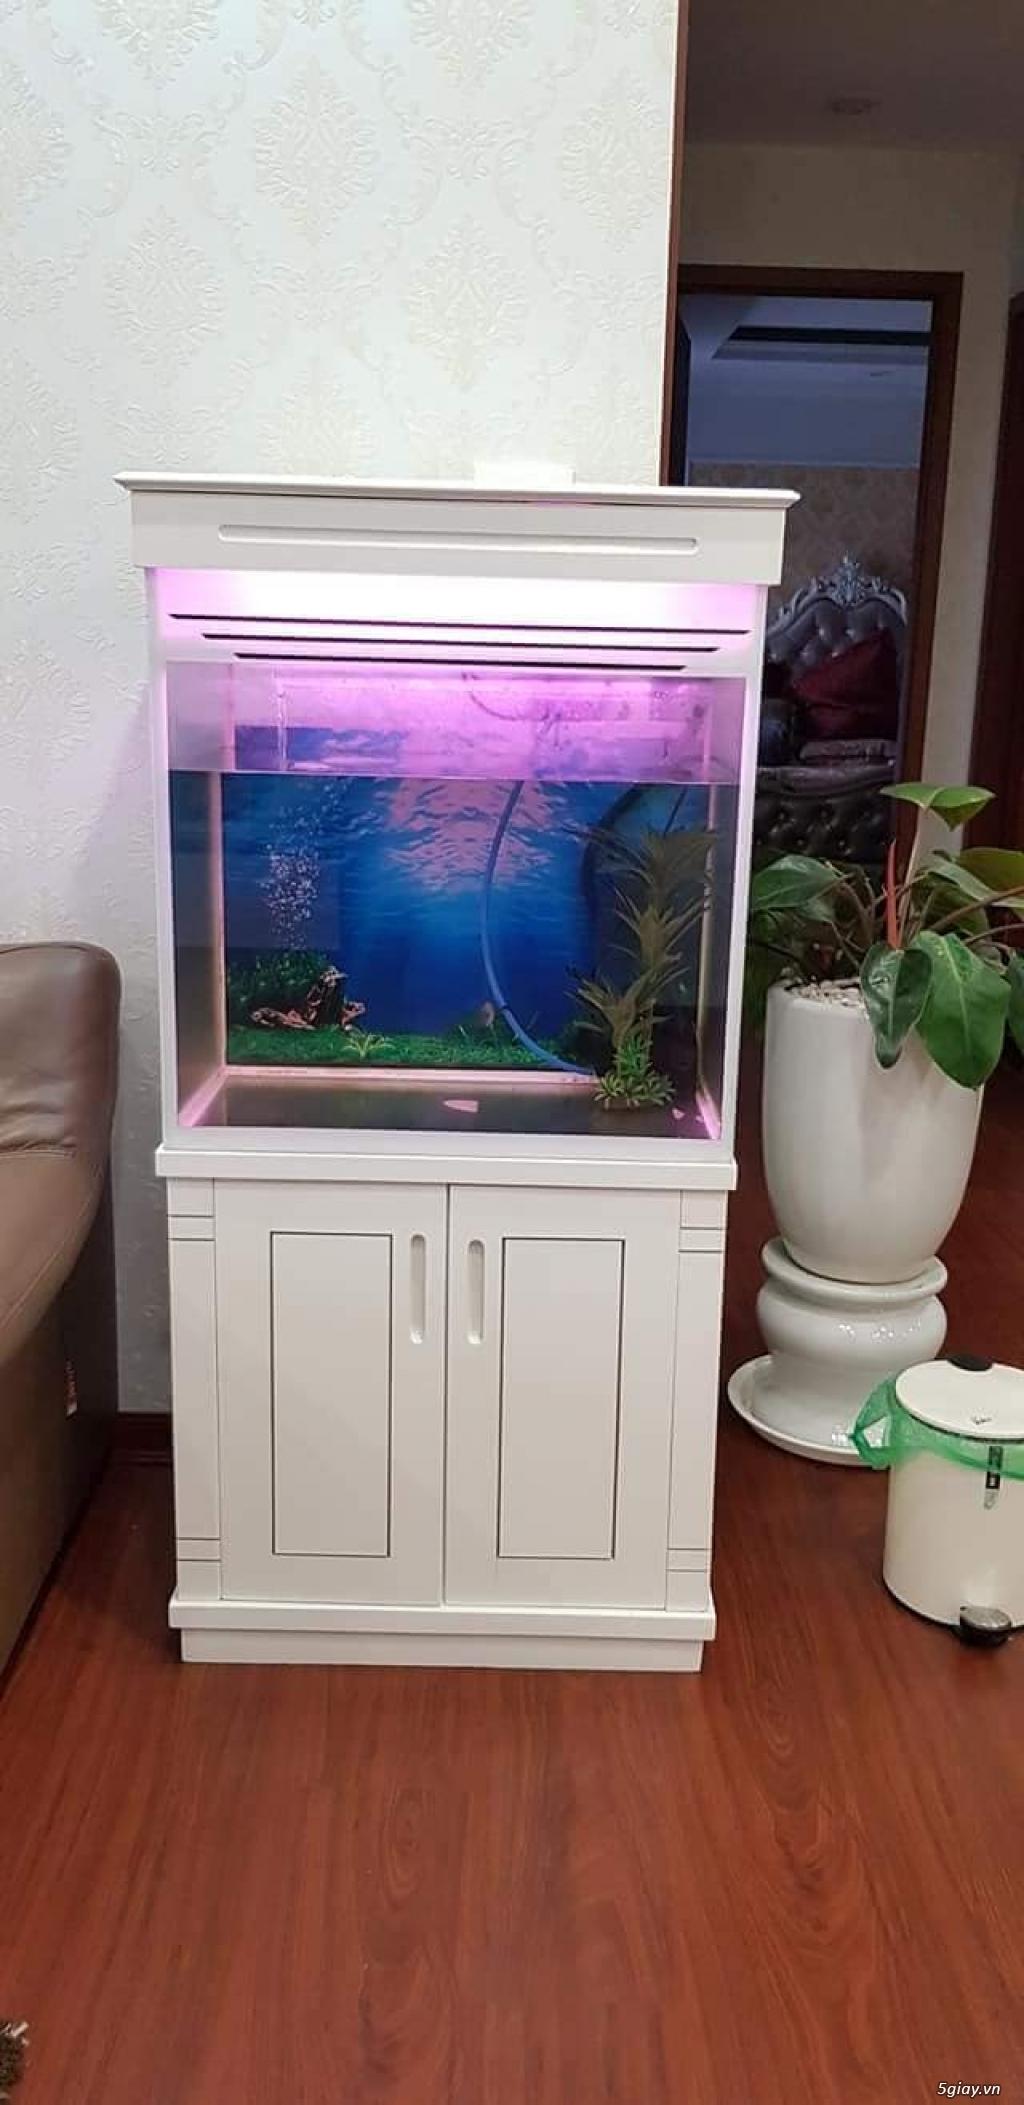 Chuyên Hồ Cá Cảnh, Hồ Thủy Sinh , Hồ cá rồng, Hồ Hải sản ..HCM - 27